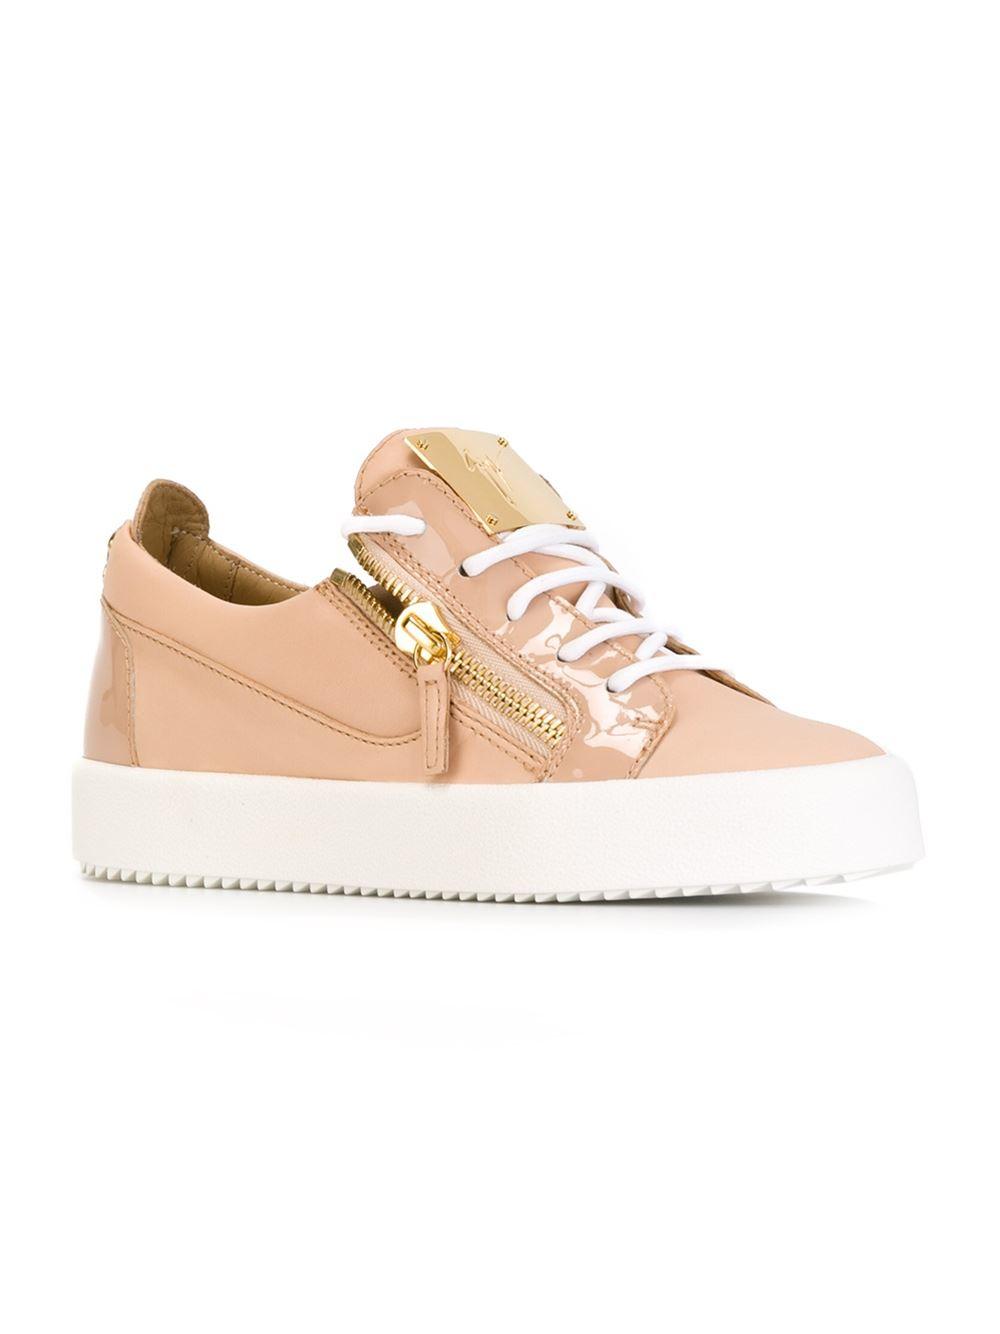 giuseppe zanotti low top sneakers in pink lyst